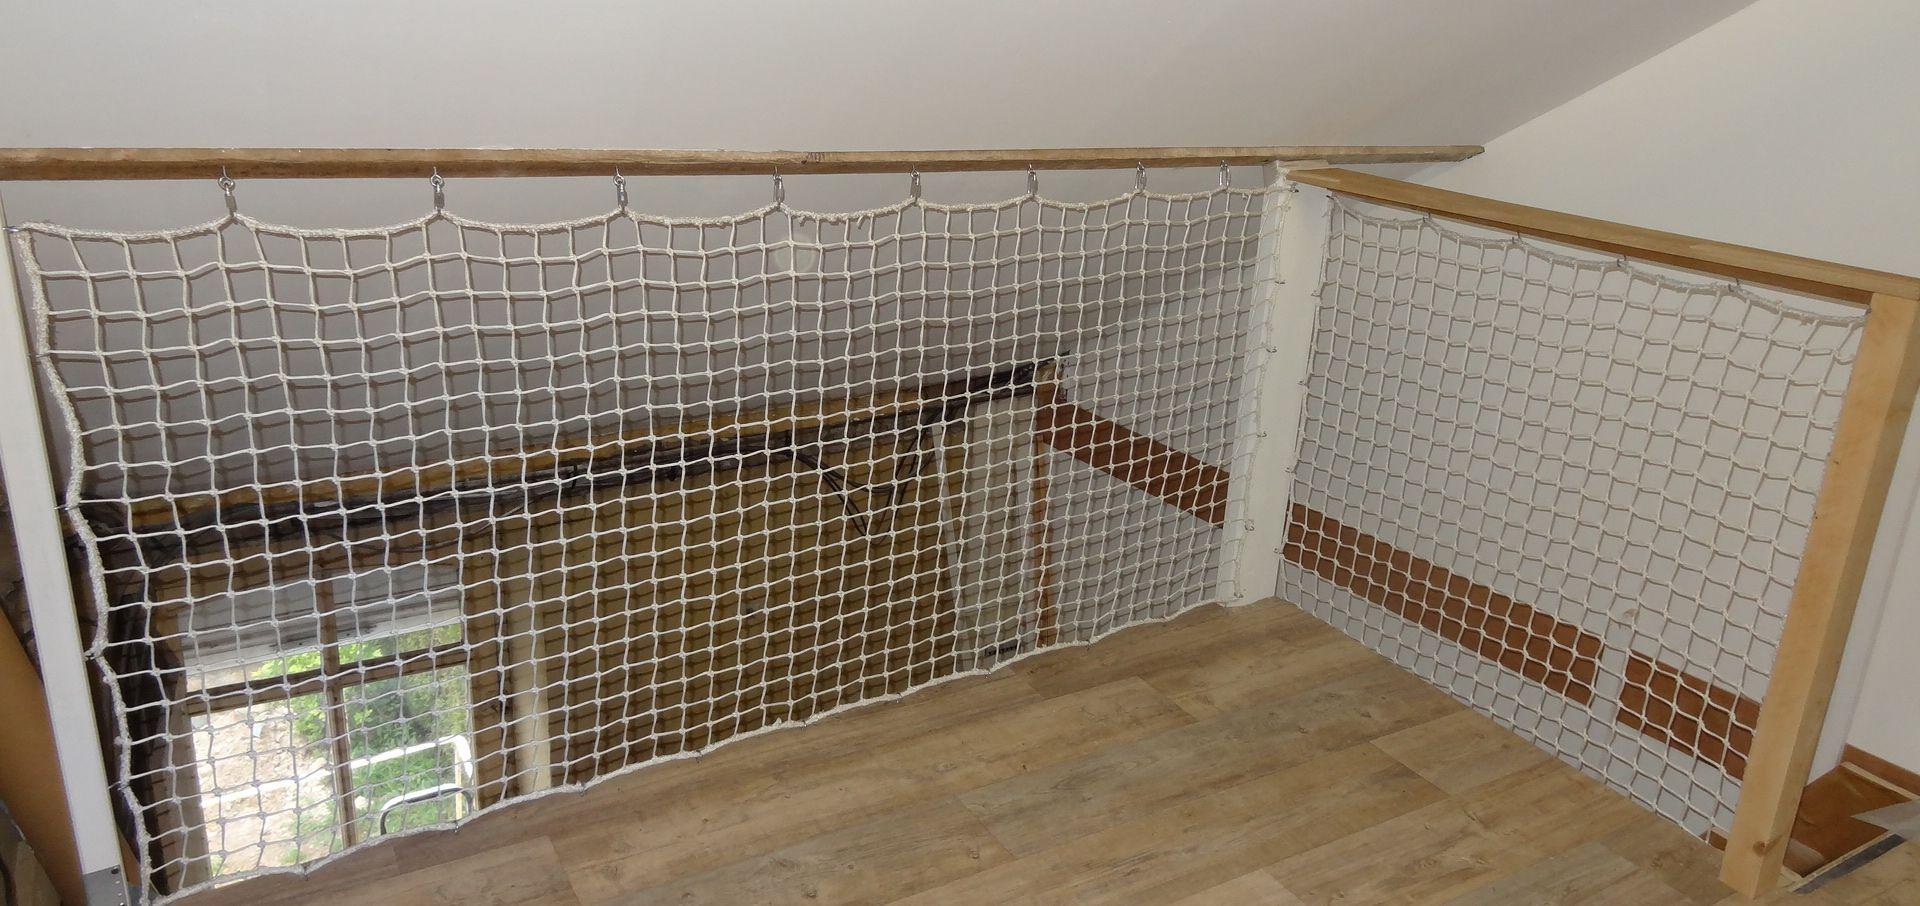 filet pour escalier sans filet pour escalier sans filet de protection maille mm filet de. Black Bedroom Furniture Sets. Home Design Ideas